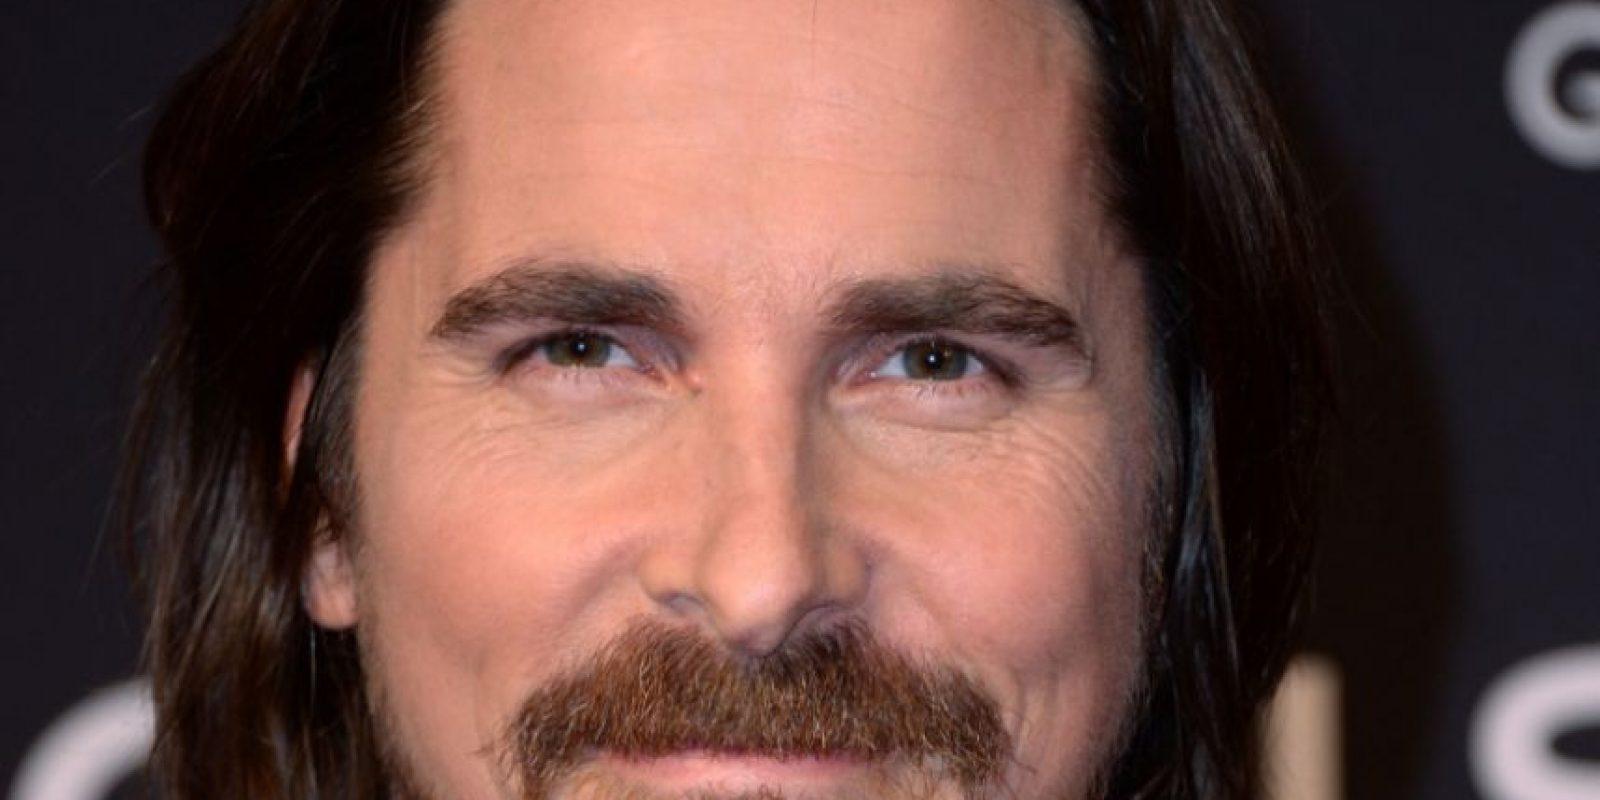 Aparte de algunos escándalos por su carácter, tiene un Oscar como Mejor Actor Secundario y es uno de los actores más respetados de su generación. Foto:vía Getty Images